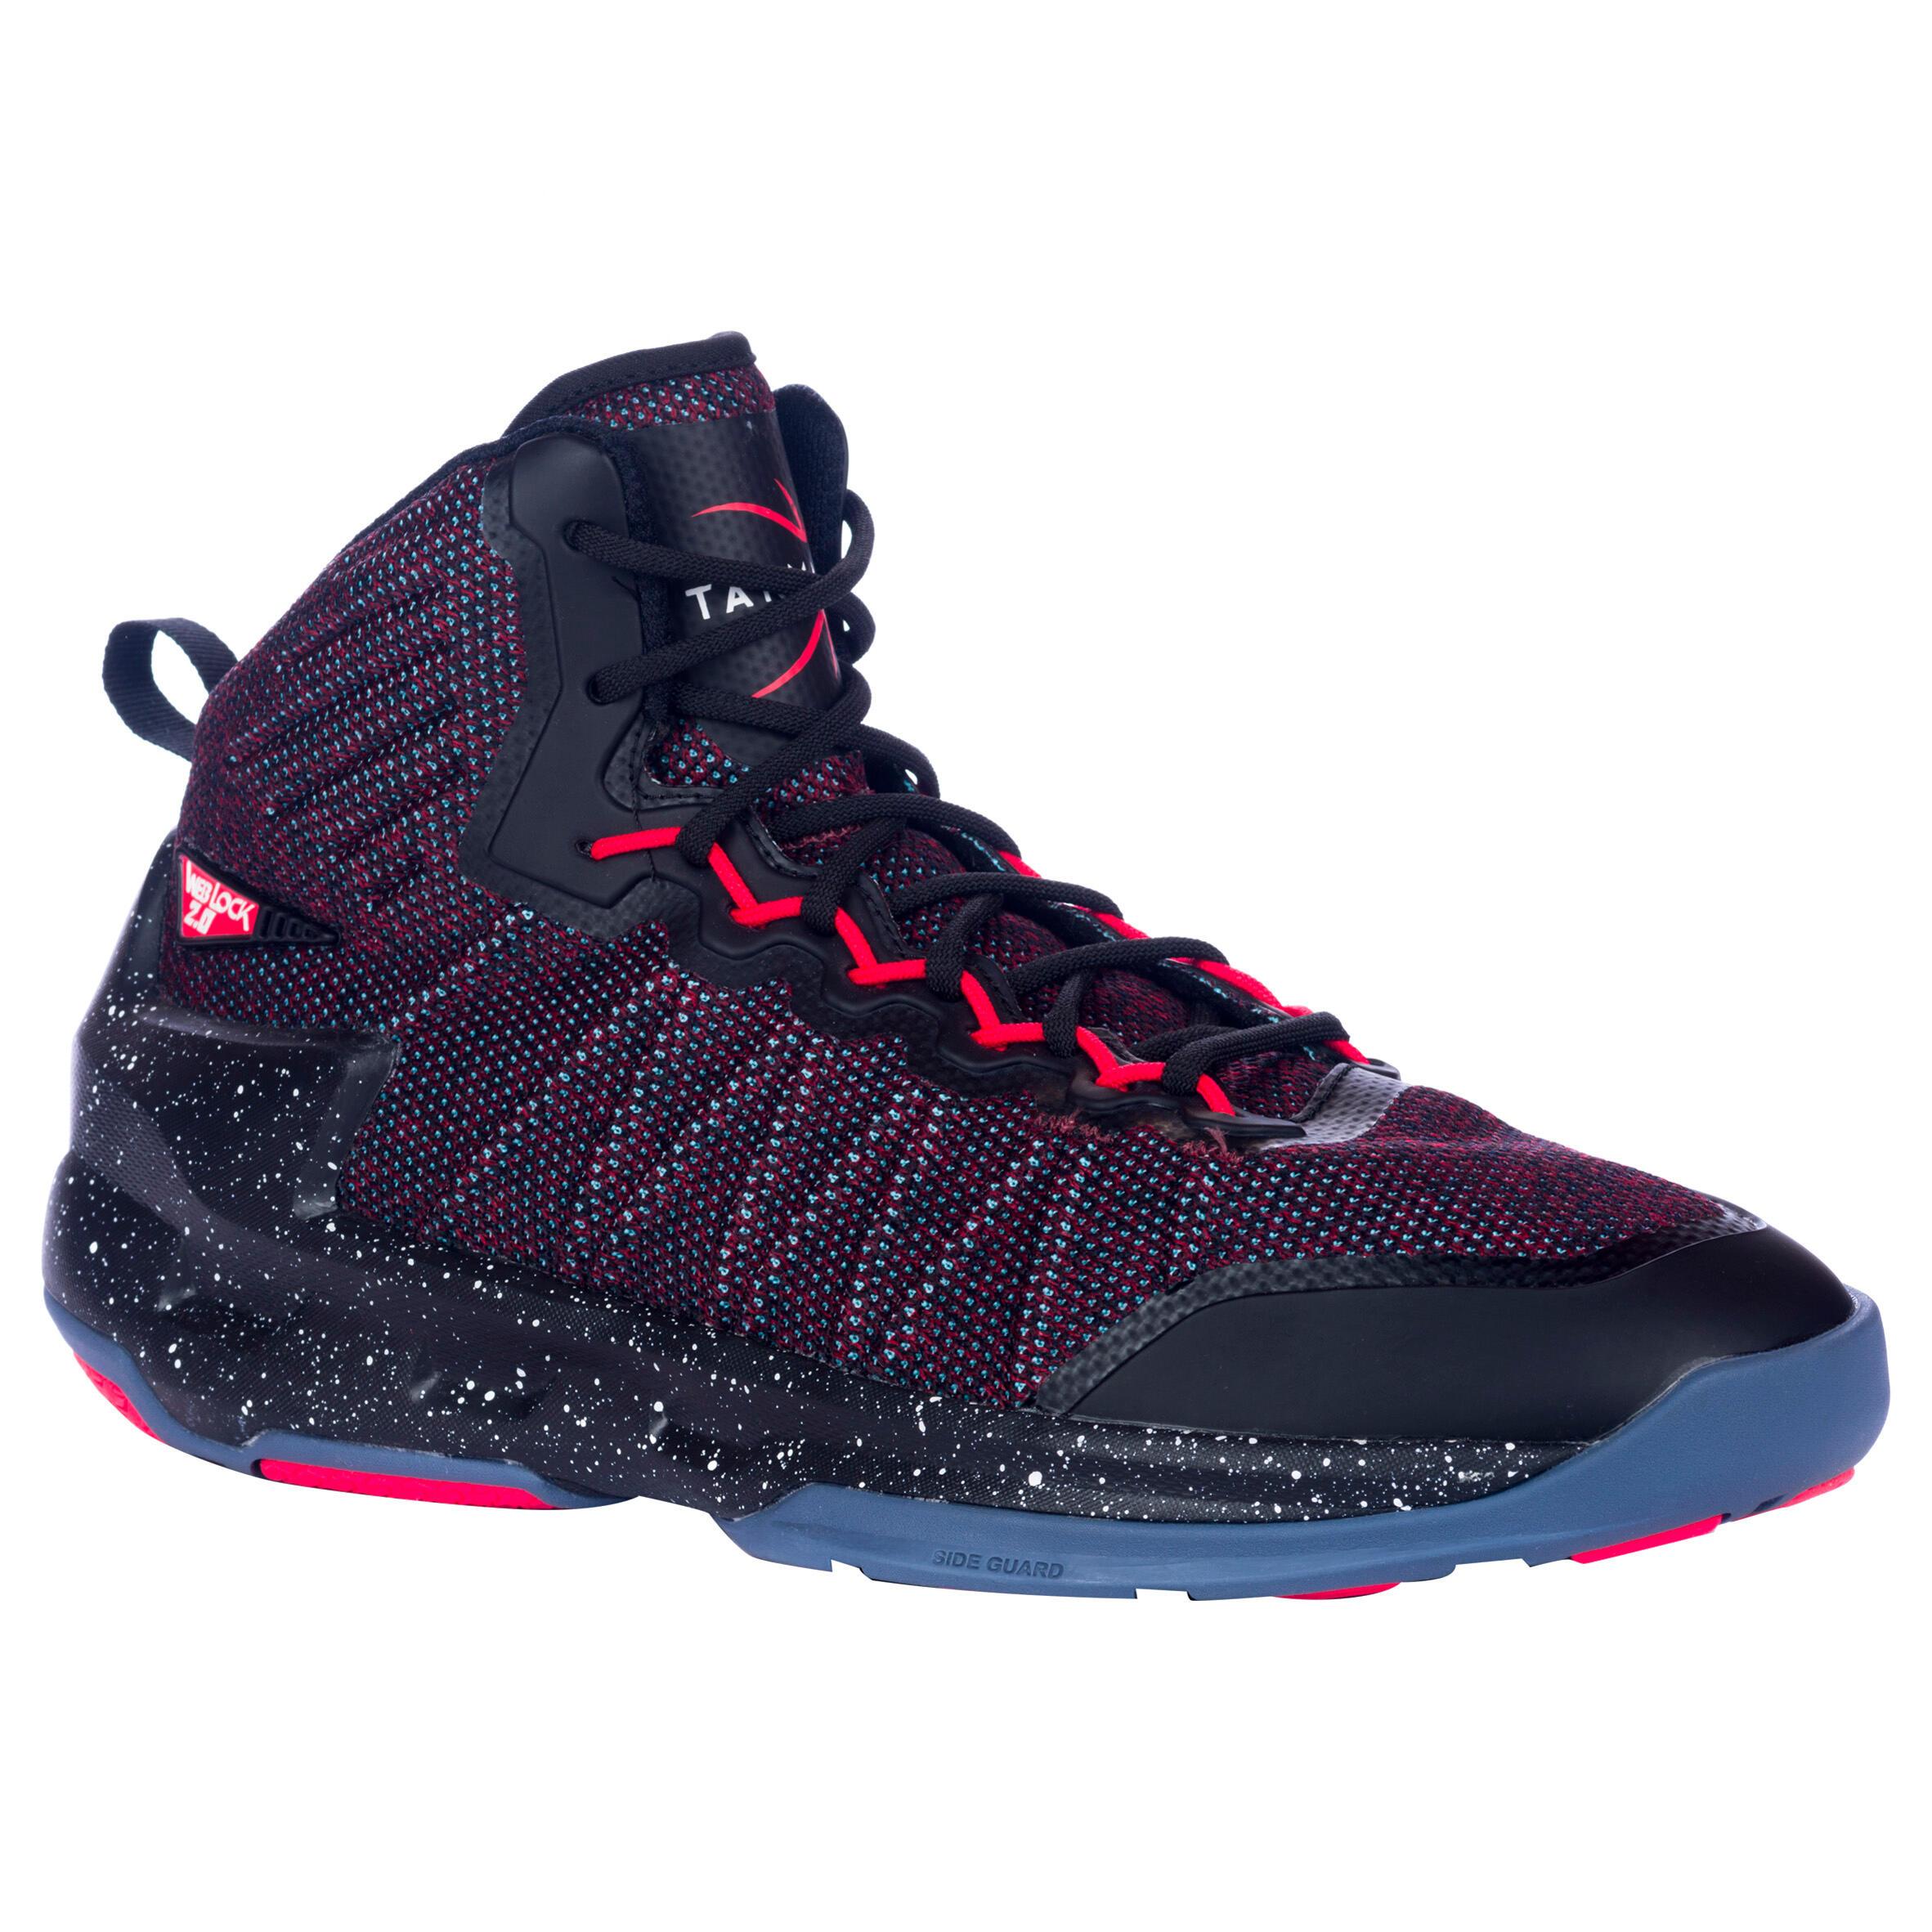 Chaussure de basketball homme shield 500 rouge noire tarmak